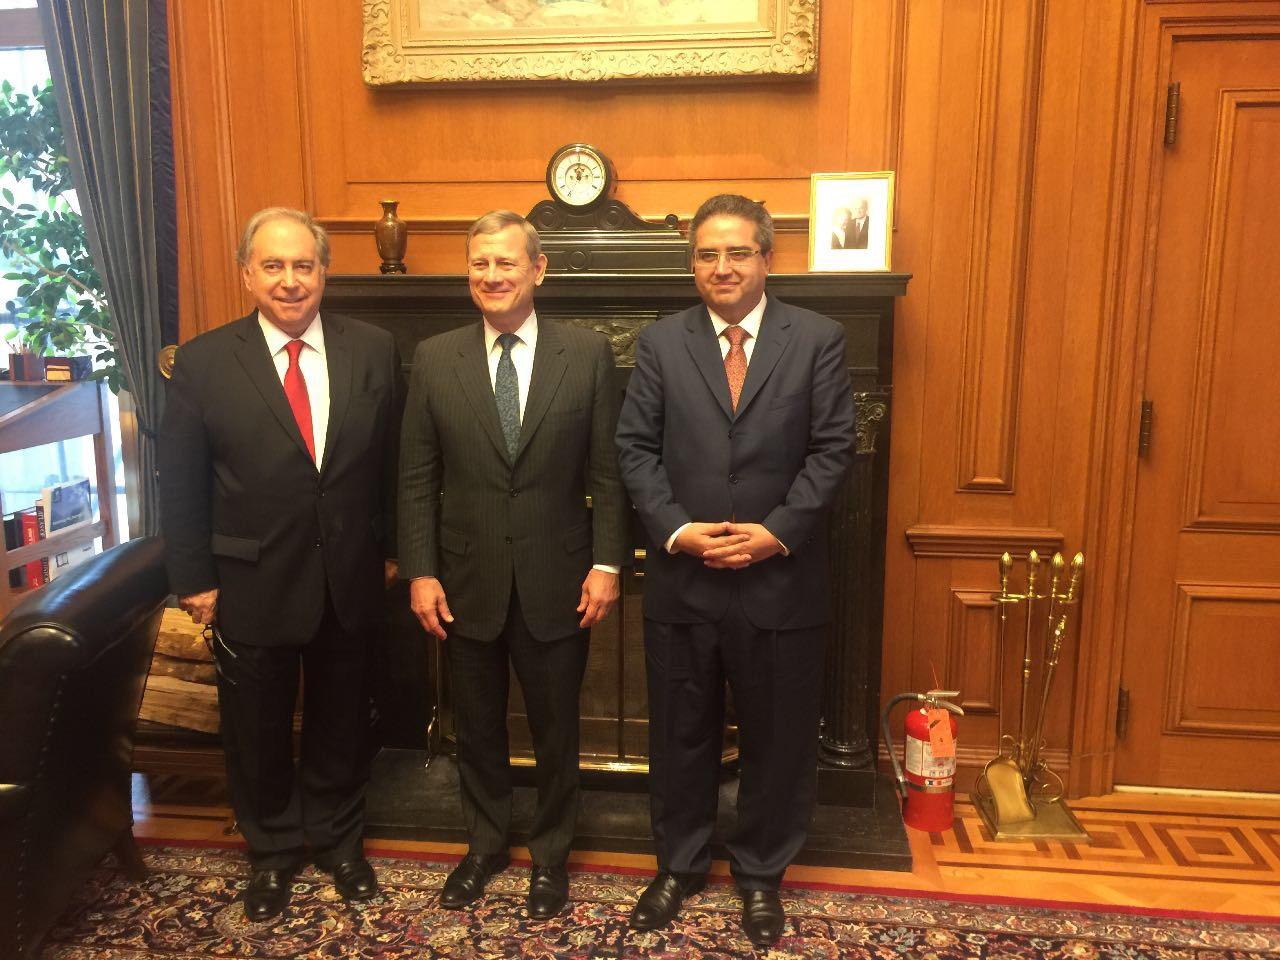 Presidente de la Magistratura visita Corte Suprema de EEUU y se reúne con su Presidente